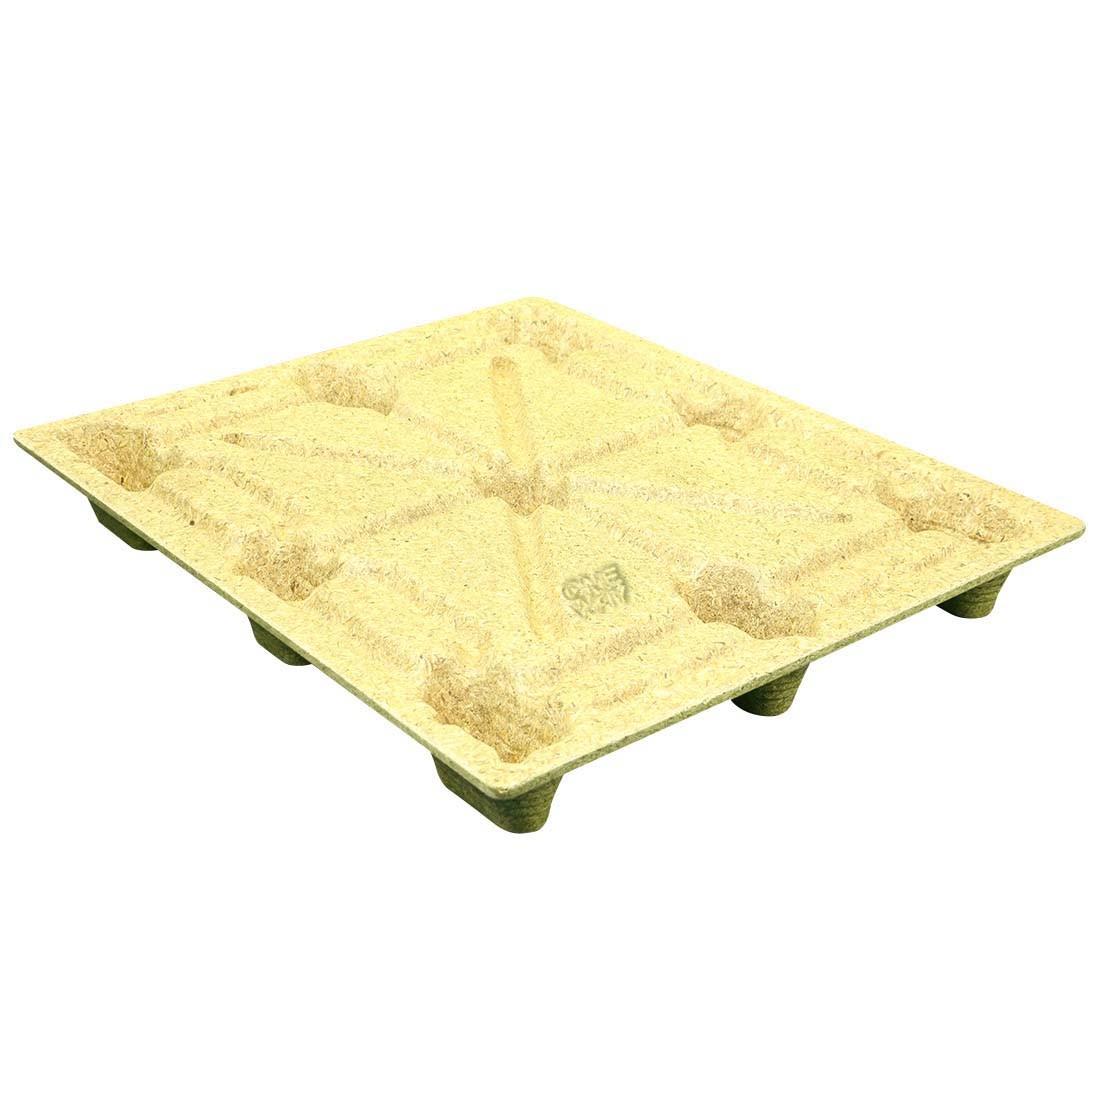 40 x 48 Molded Wood Pallet - Export Ready - Medium Duty ...